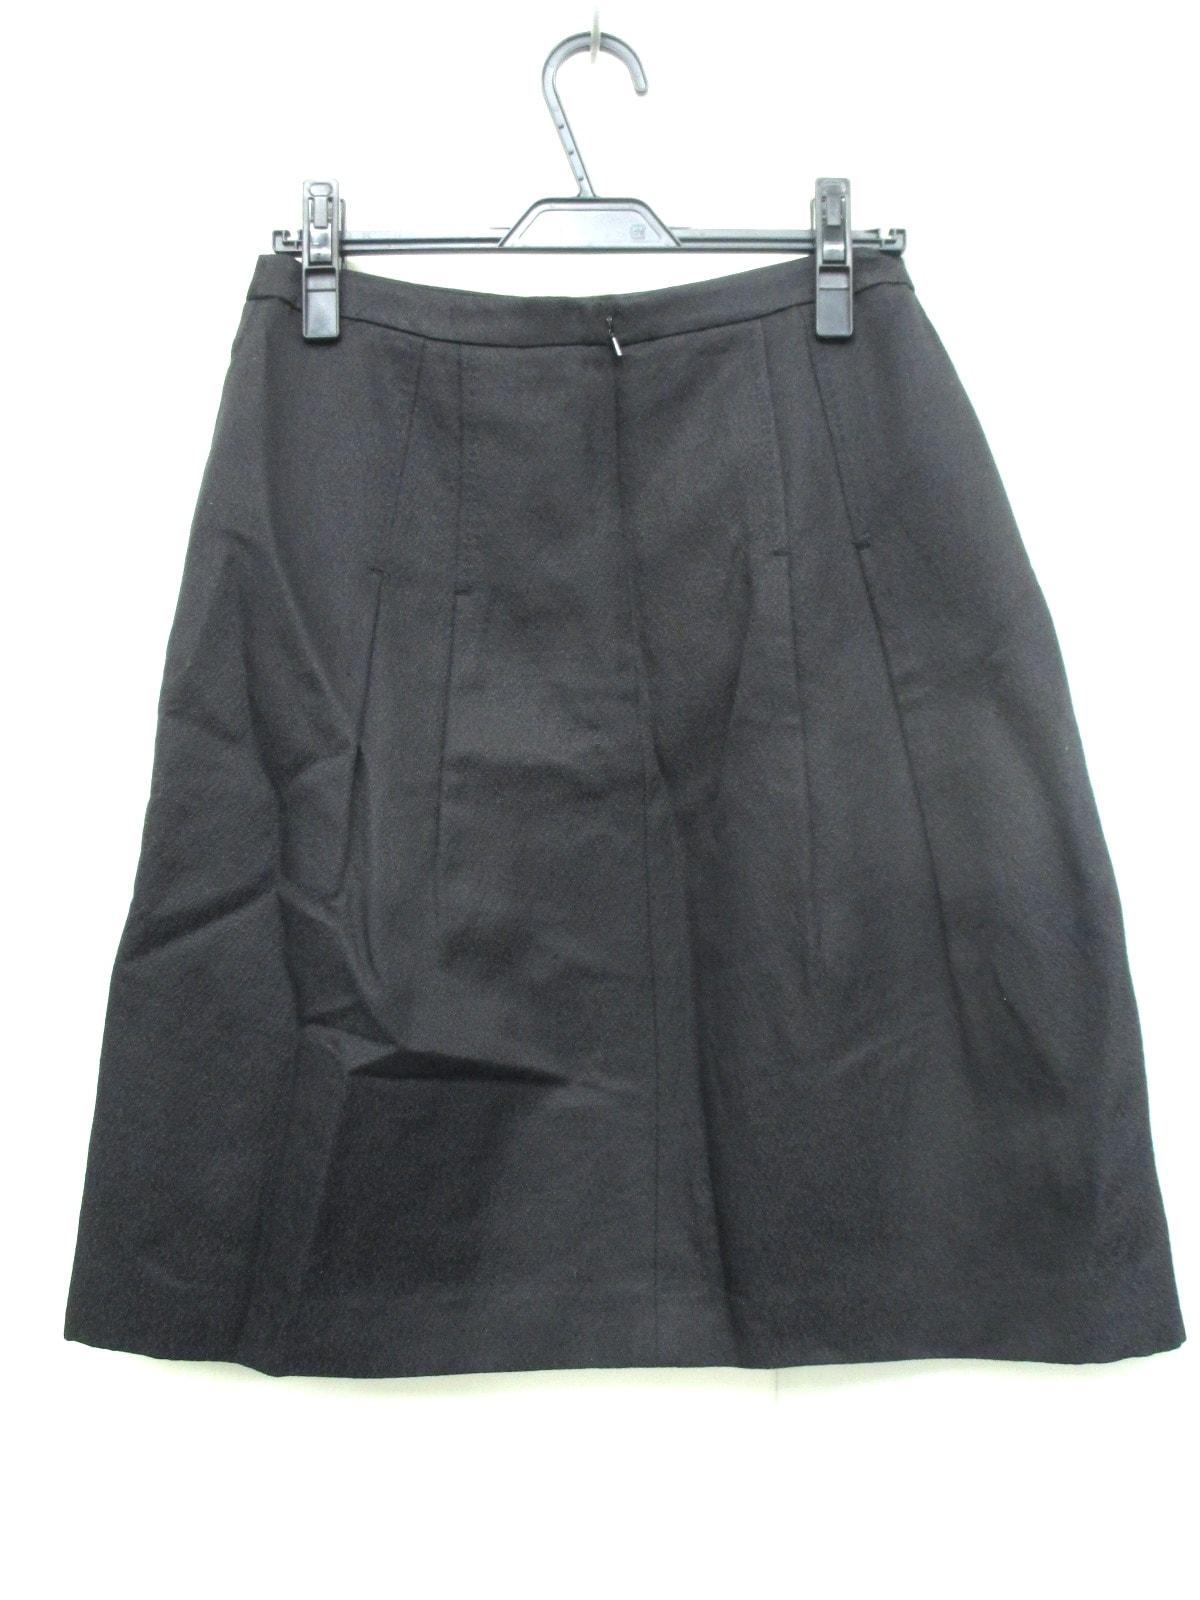 TORY BURCH(トリーバーチ)のスカート